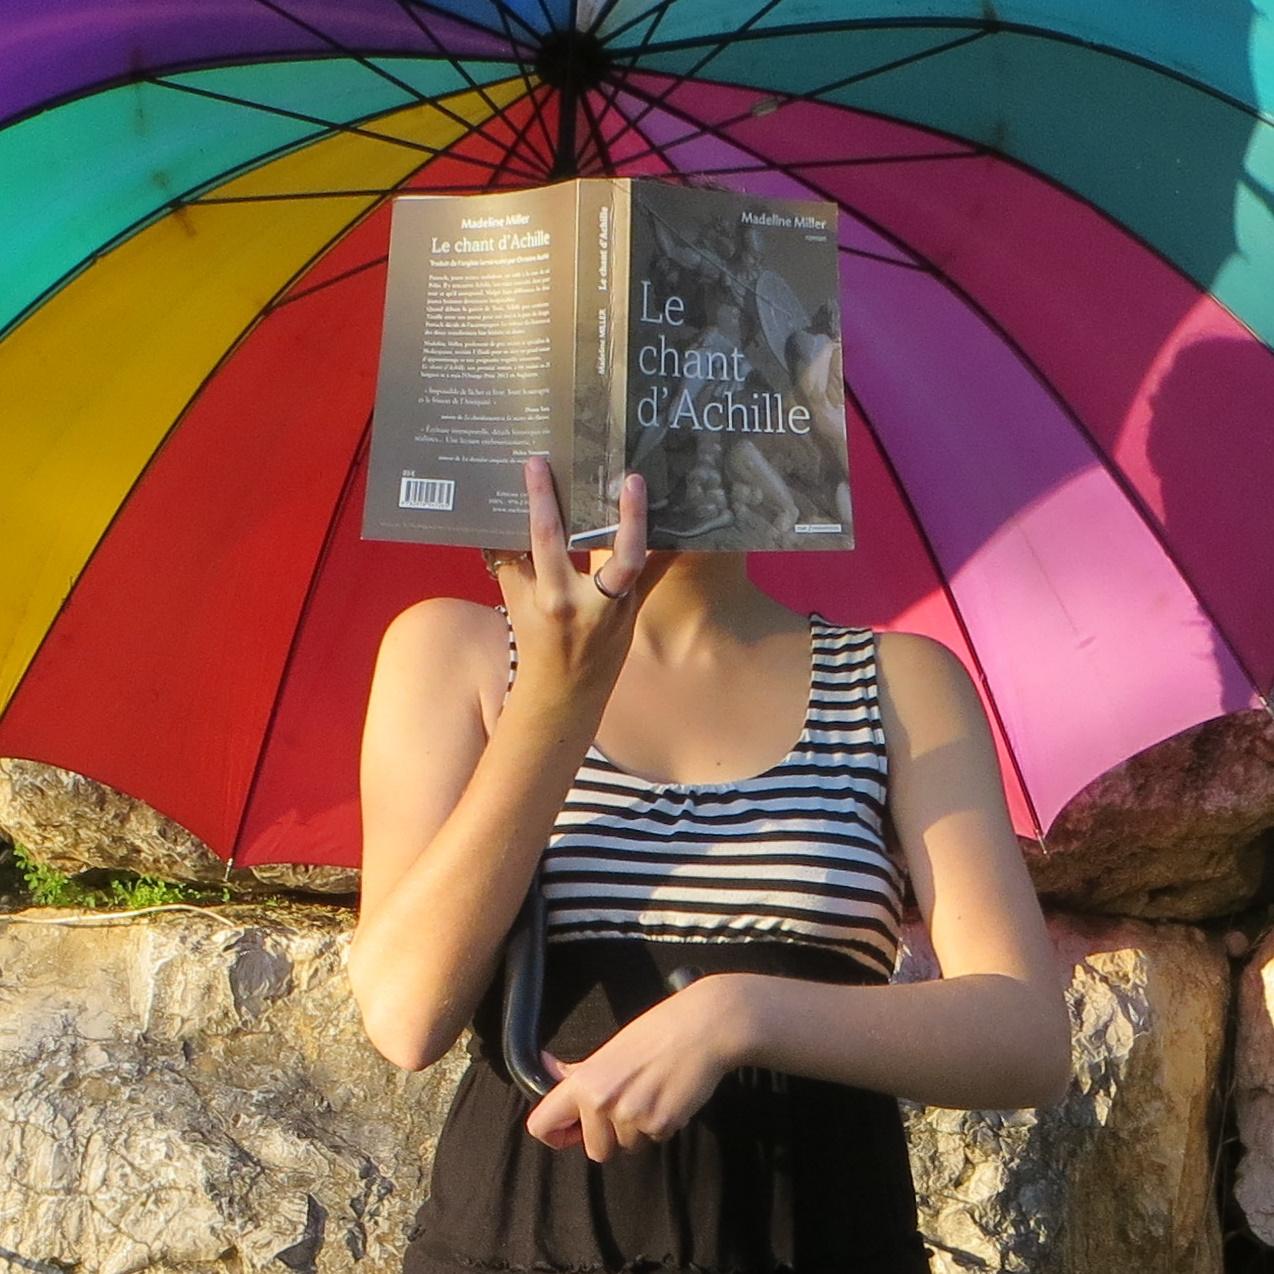 femme en robe noire et blanche avec un parapluie arc-en-ciel lisant Le Chant d'Achille de Madeline Miller devant un mur de pierre